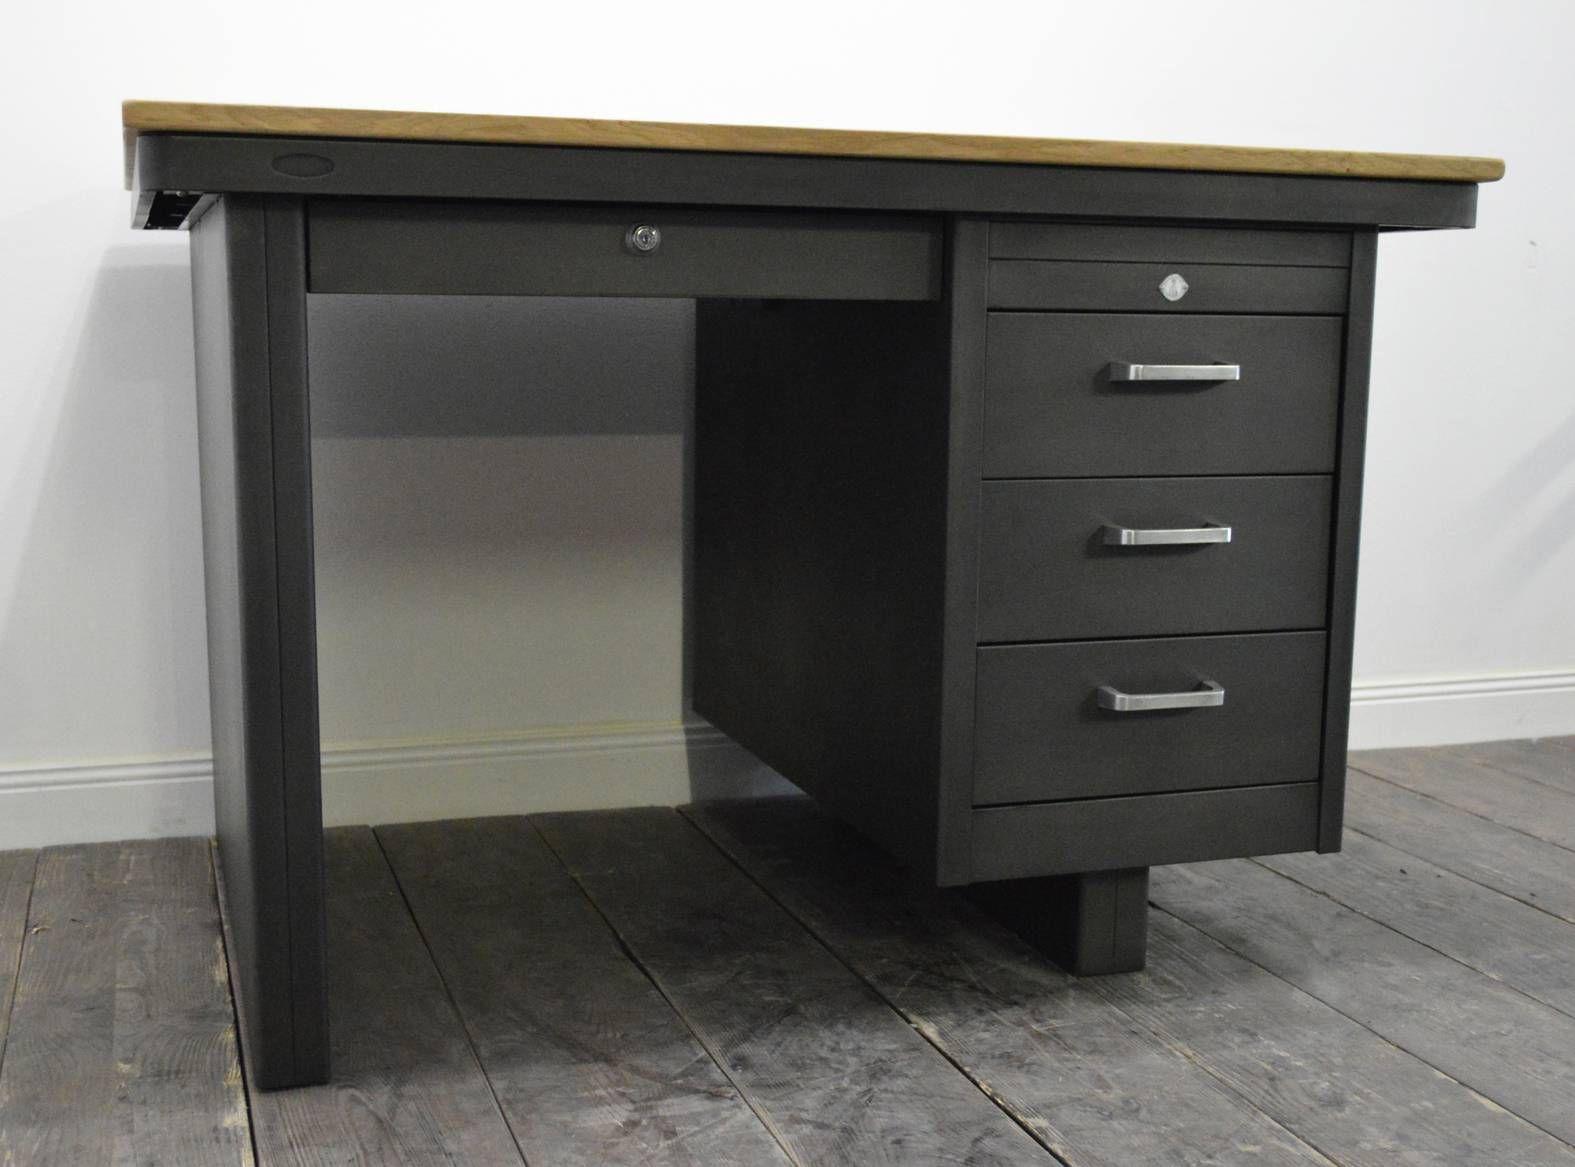 franz sischer industrieller mid century schreibtisch von strafor bei pamono kaufen. Black Bedroom Furniture Sets. Home Design Ideas